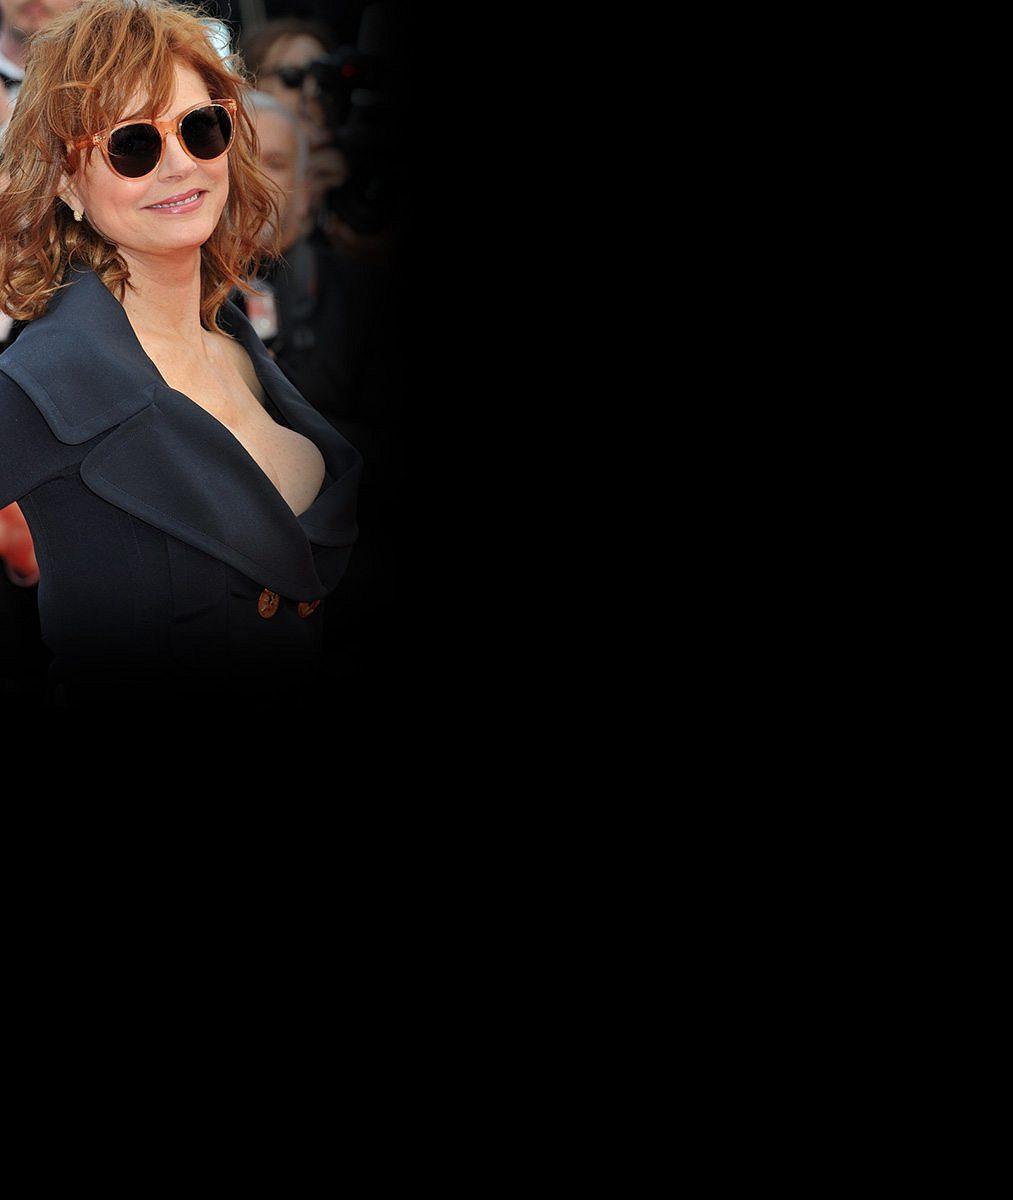 Za chvíli sedmdesátnice Susan Sarandon strčila v Cannes do kapsy o 22 let mladší kolegyni. Mrkejte čím!